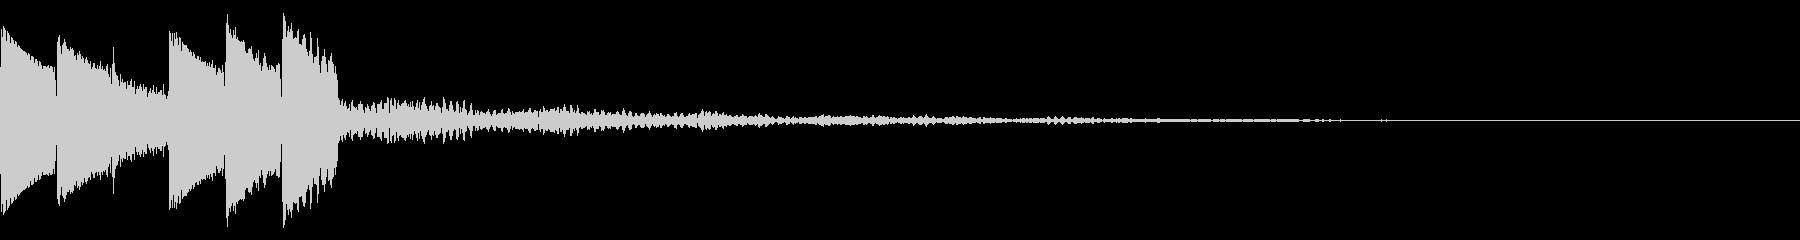 キラキラ/決定音/綺麗/UIの未再生の波形